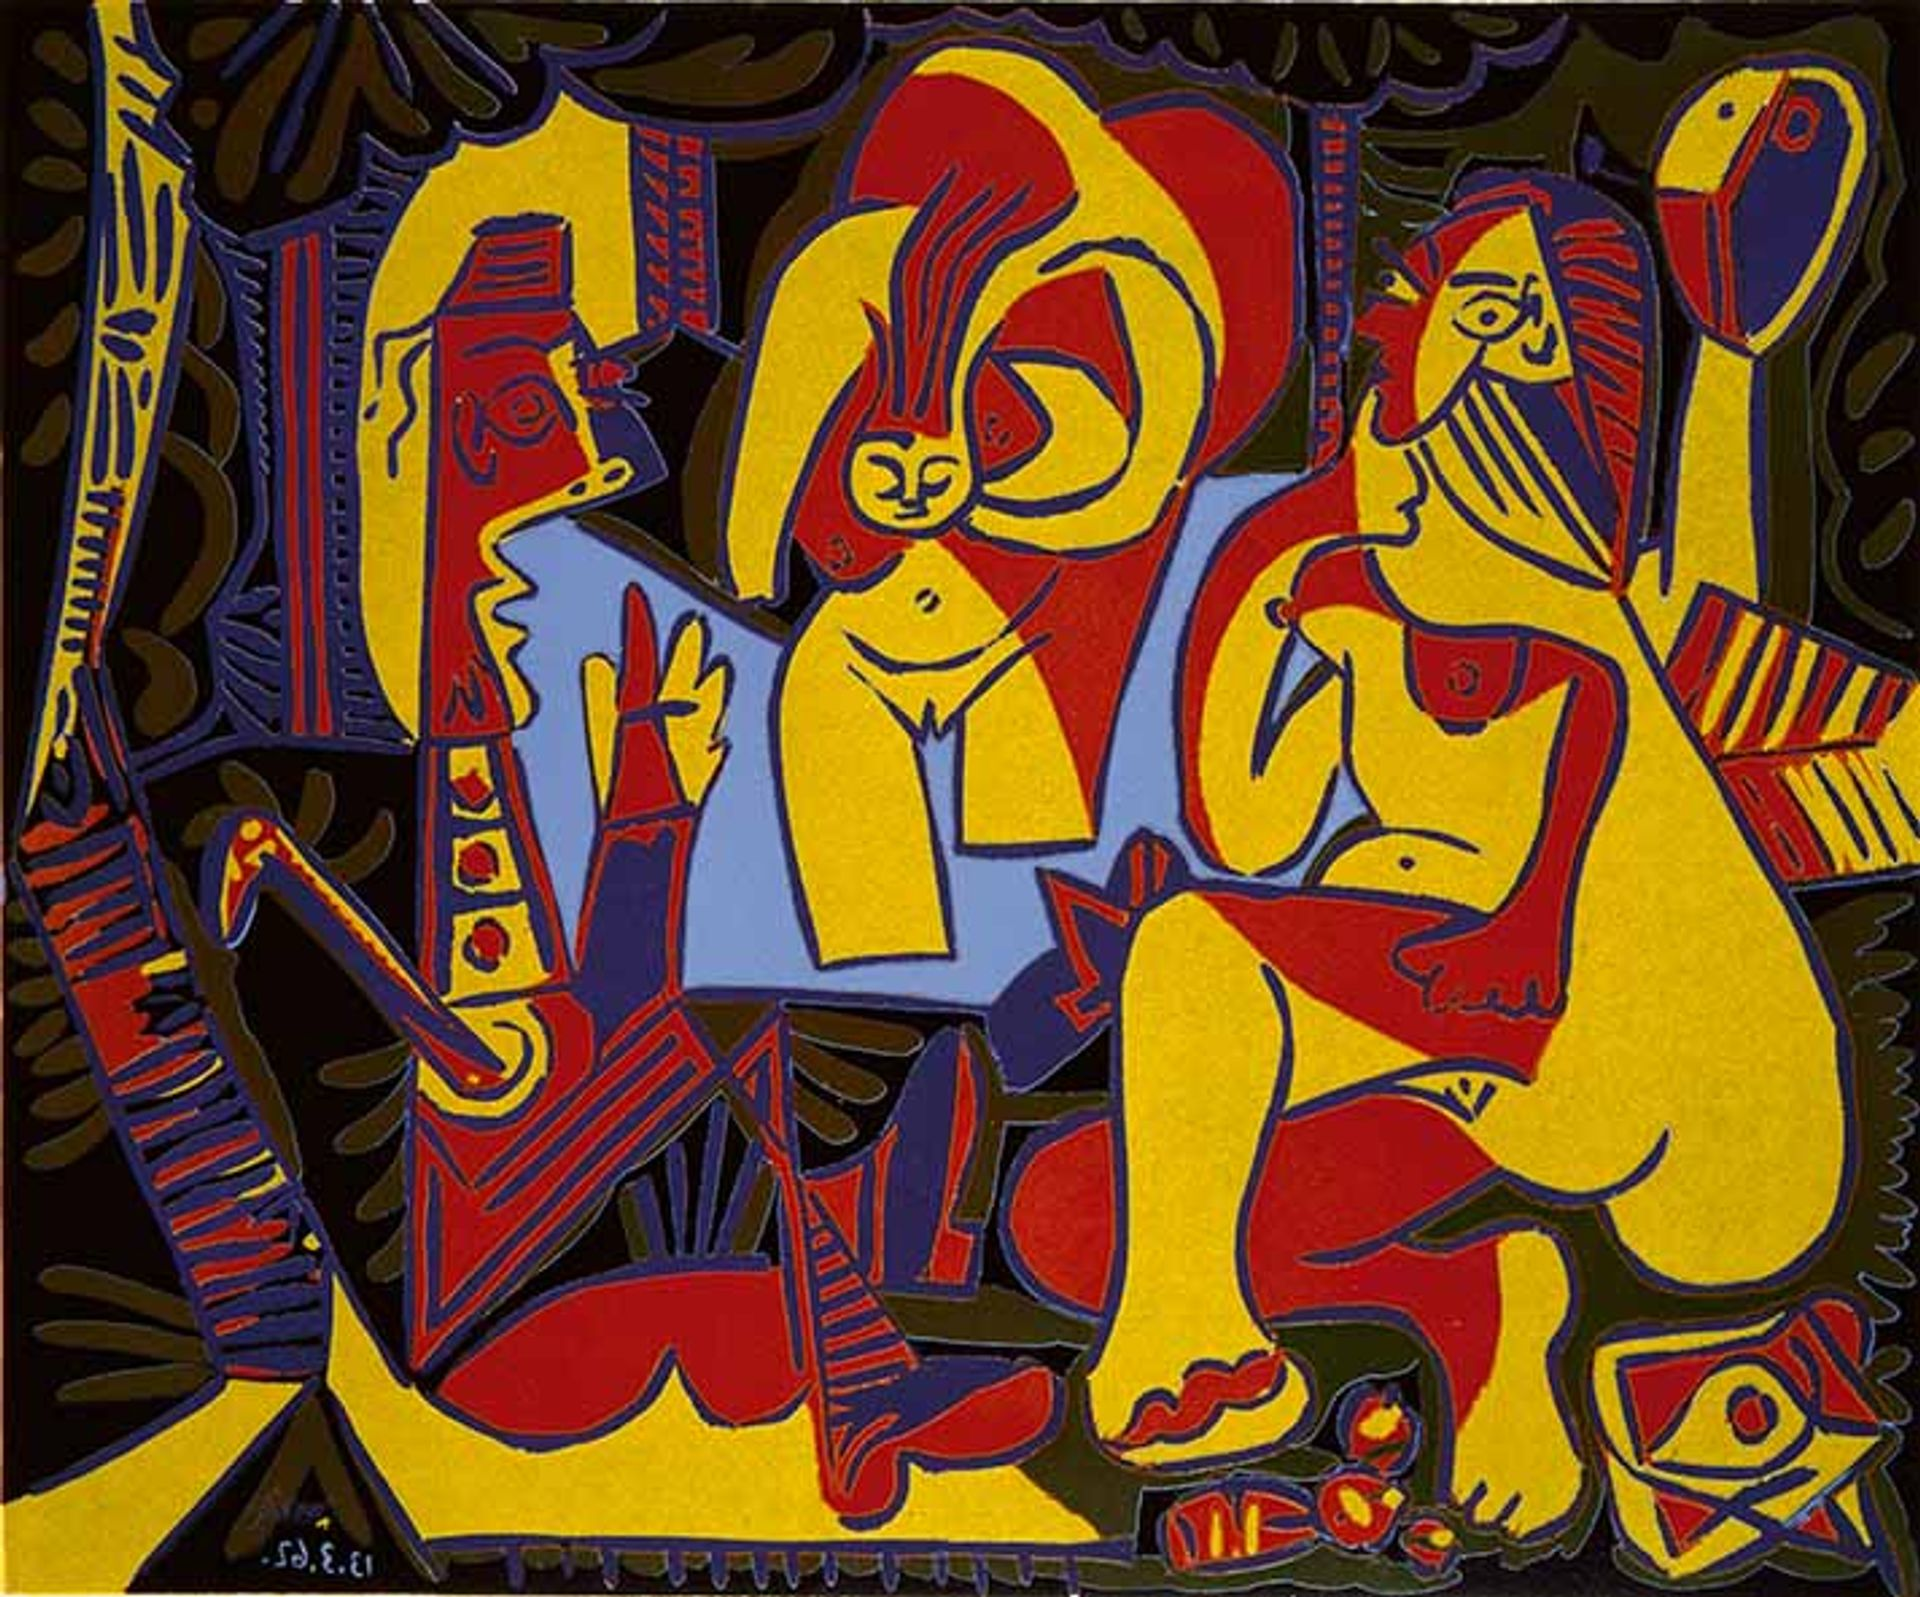 Pablo Picasso's 'Le Déjeuner sur l'herbe' after Manet, I, Mougins, (1962) © RMN-Grand Palais (Musée national Picasso-Paris) / Marine Beck-Coppola © Succession Picasso/DACS 2019